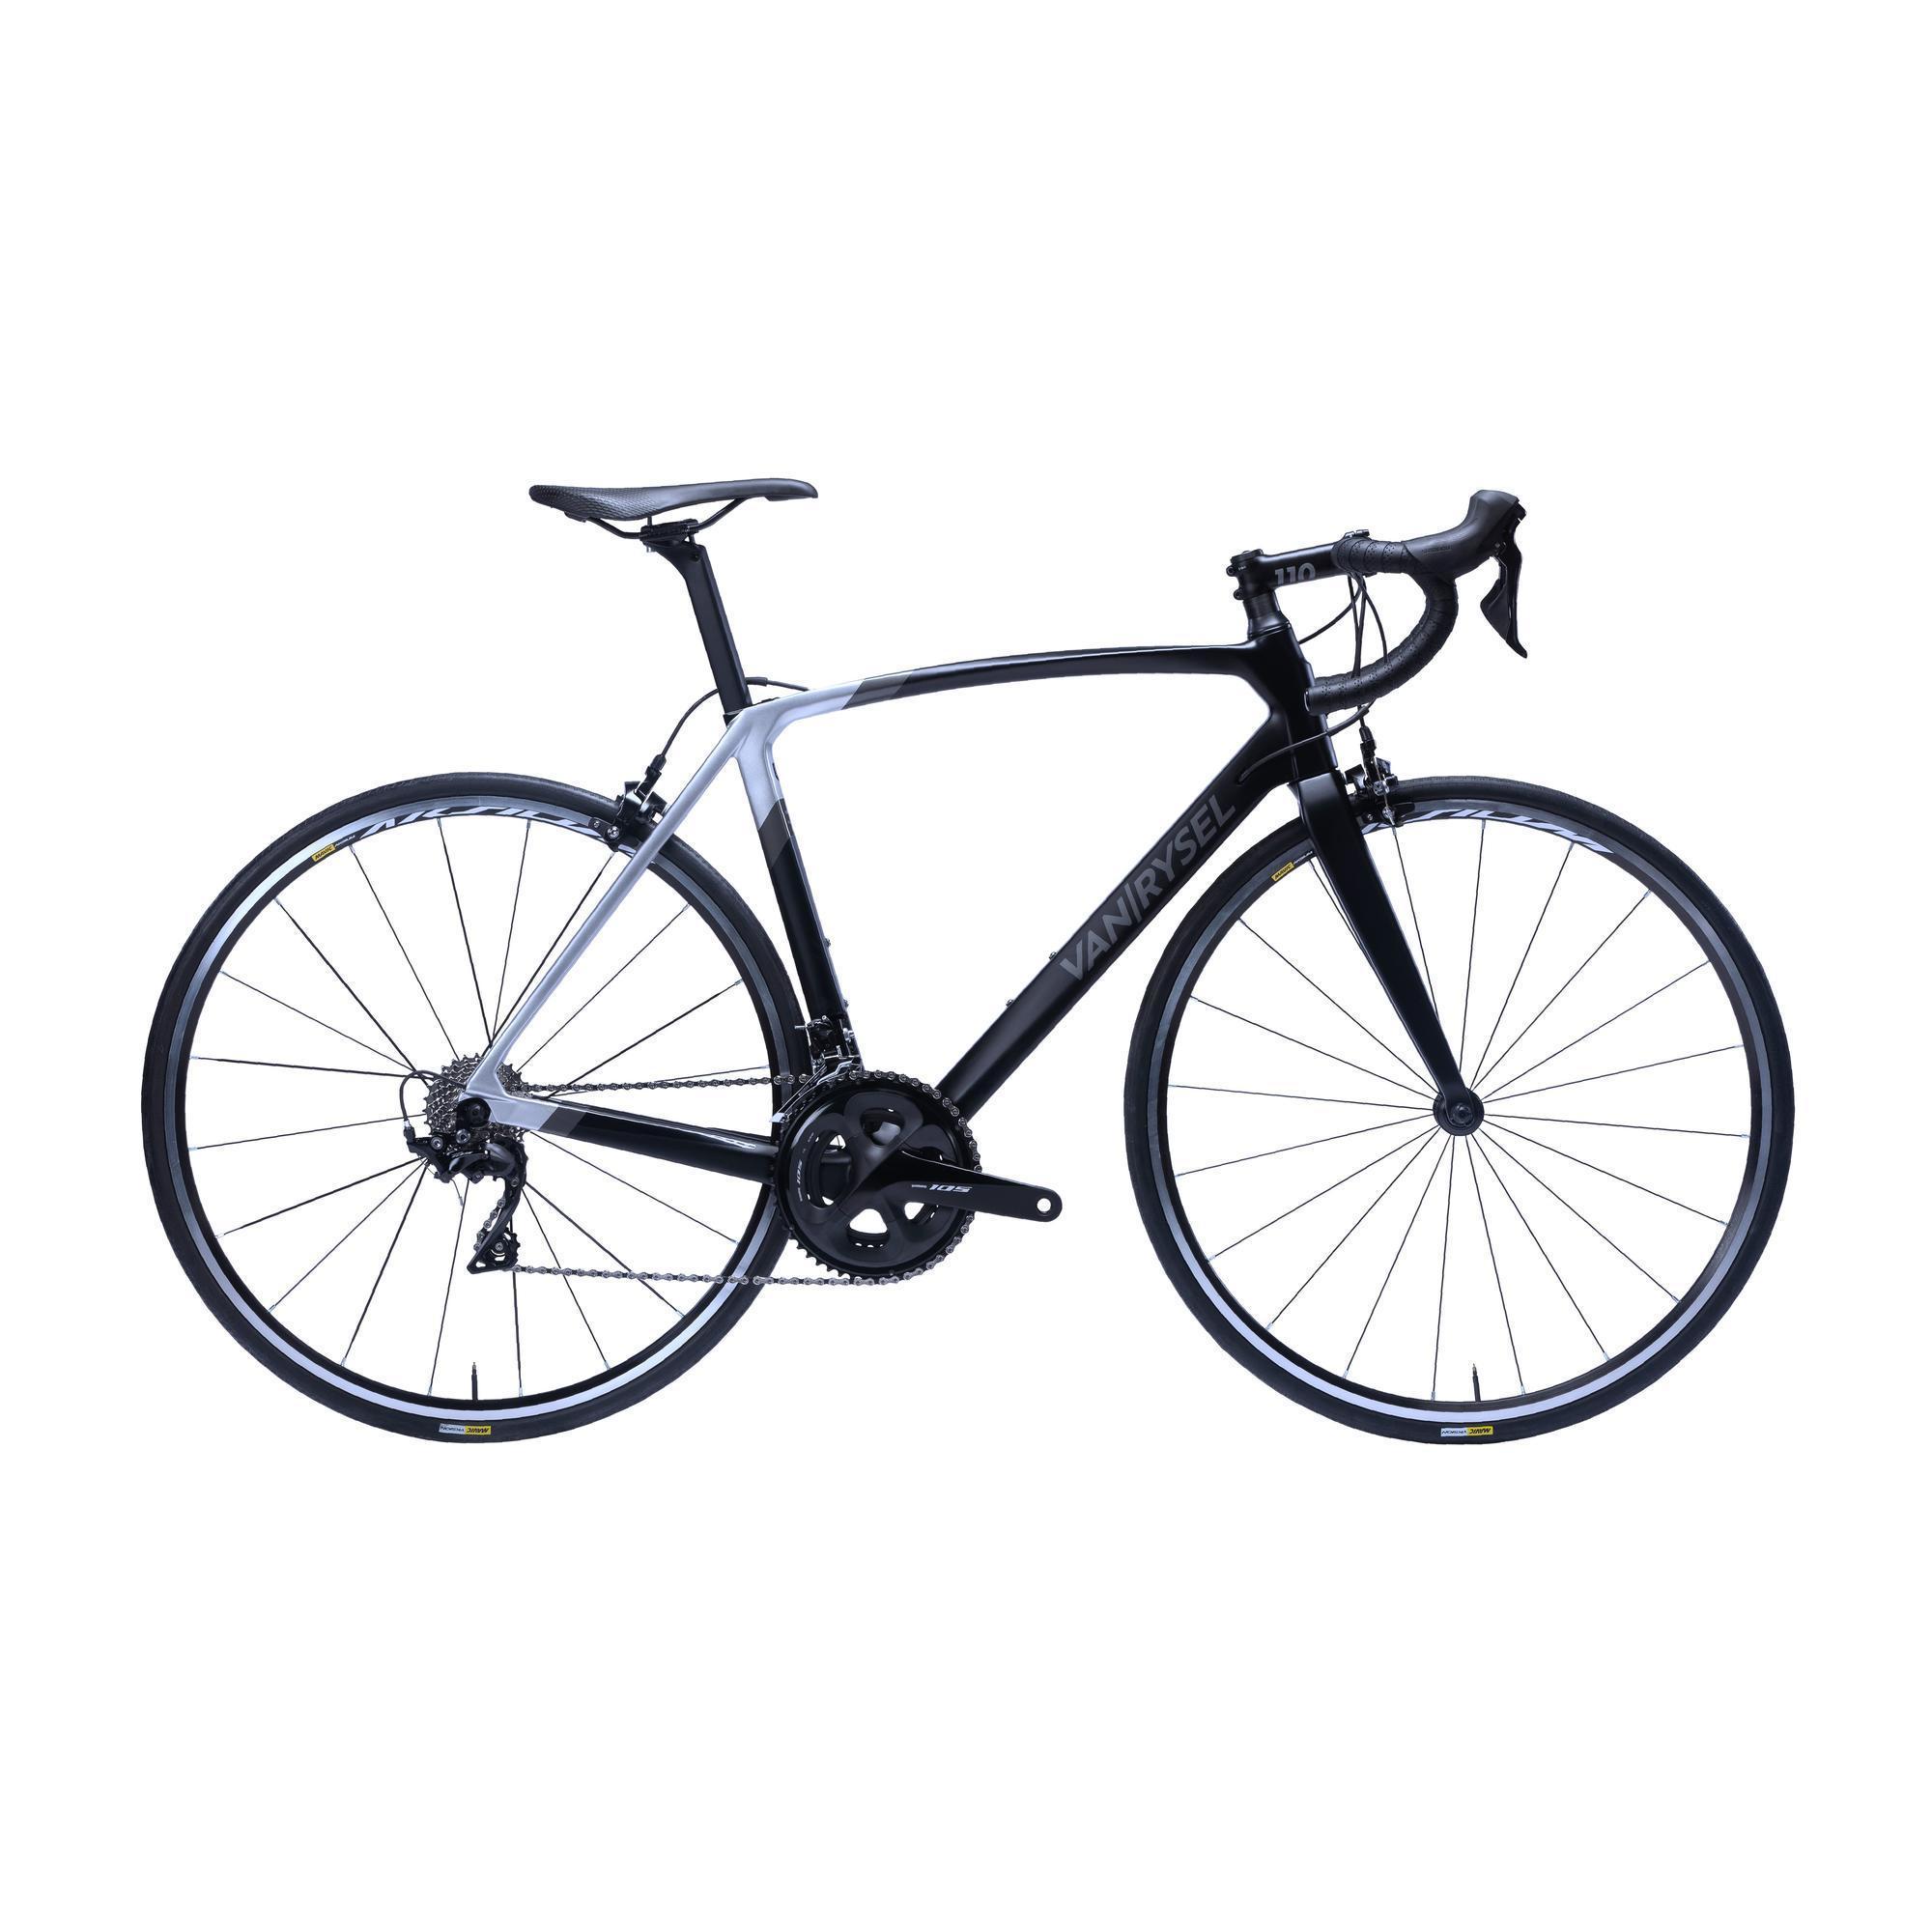 Vélo de route Van Rysel Ultra RCR 105 - Plusieurs tailles au choix